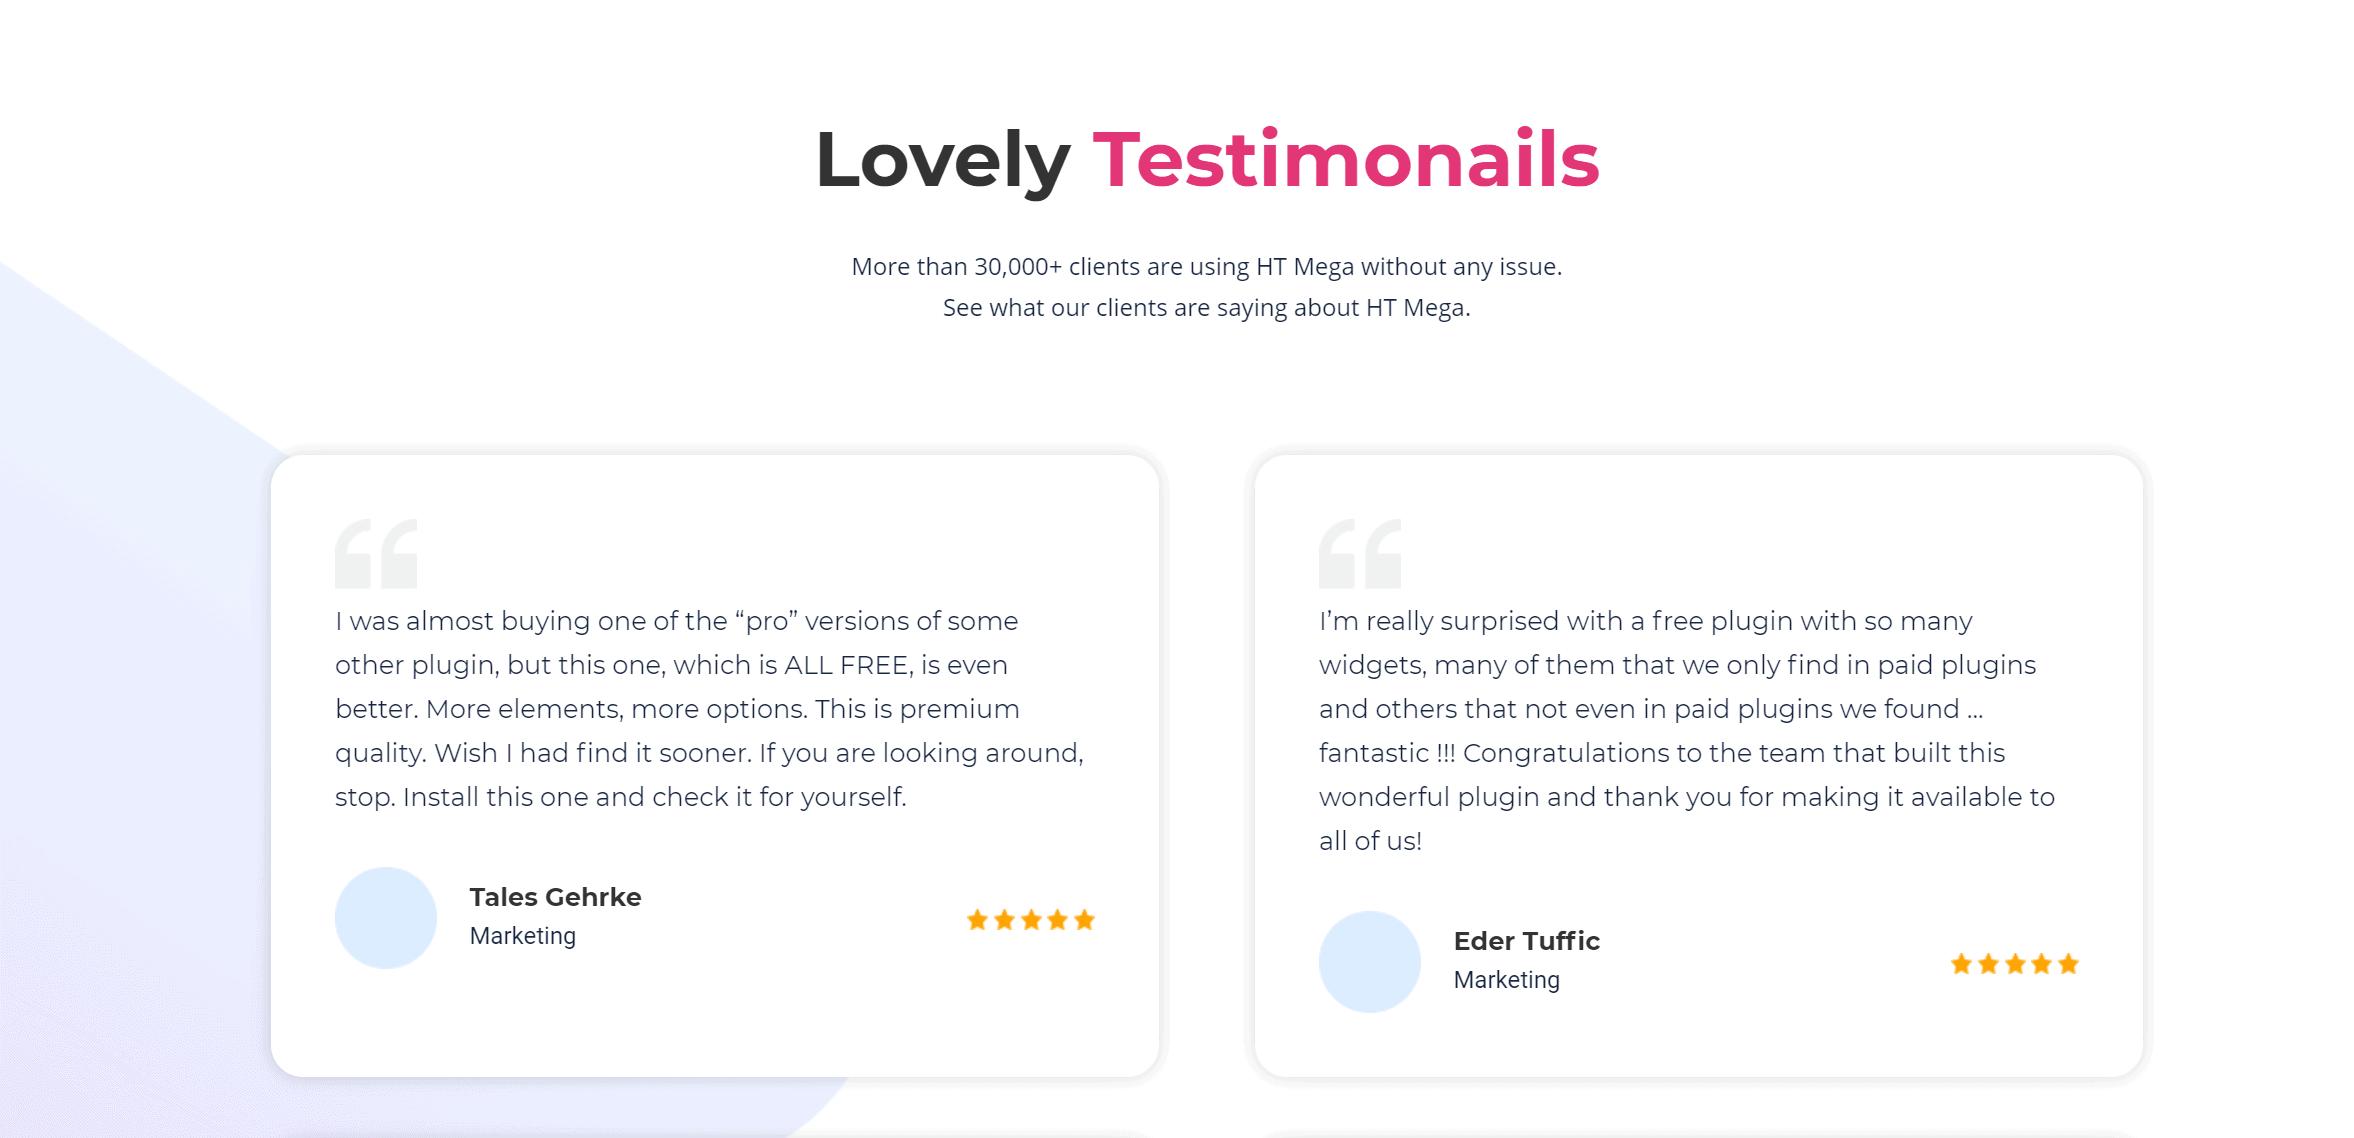 HT Mega pro reviews